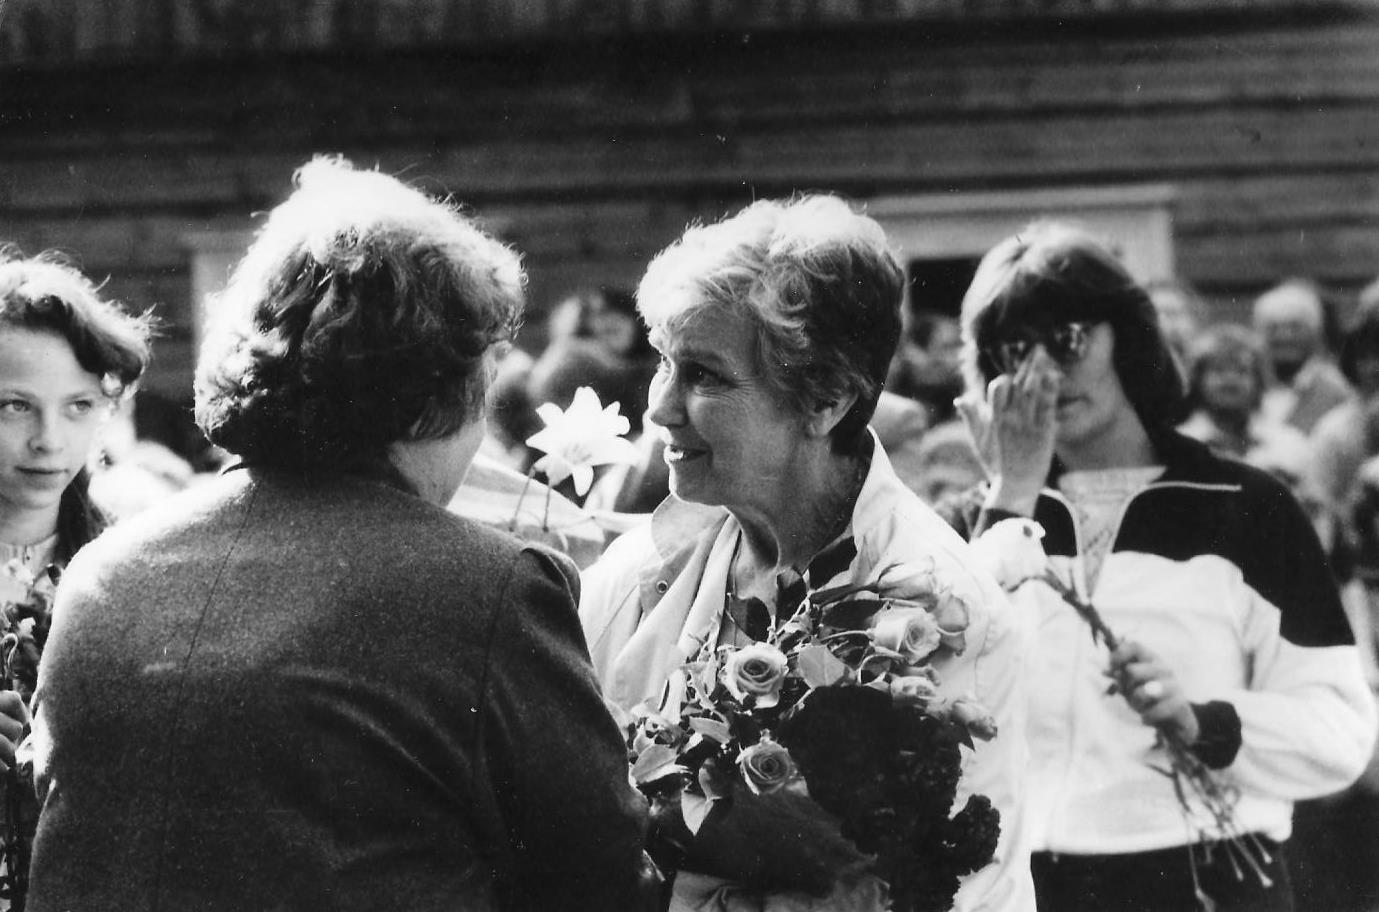 Alfrēda Amtmaņa-Briedīša muzejā 1987. gada 5. augustā - 4